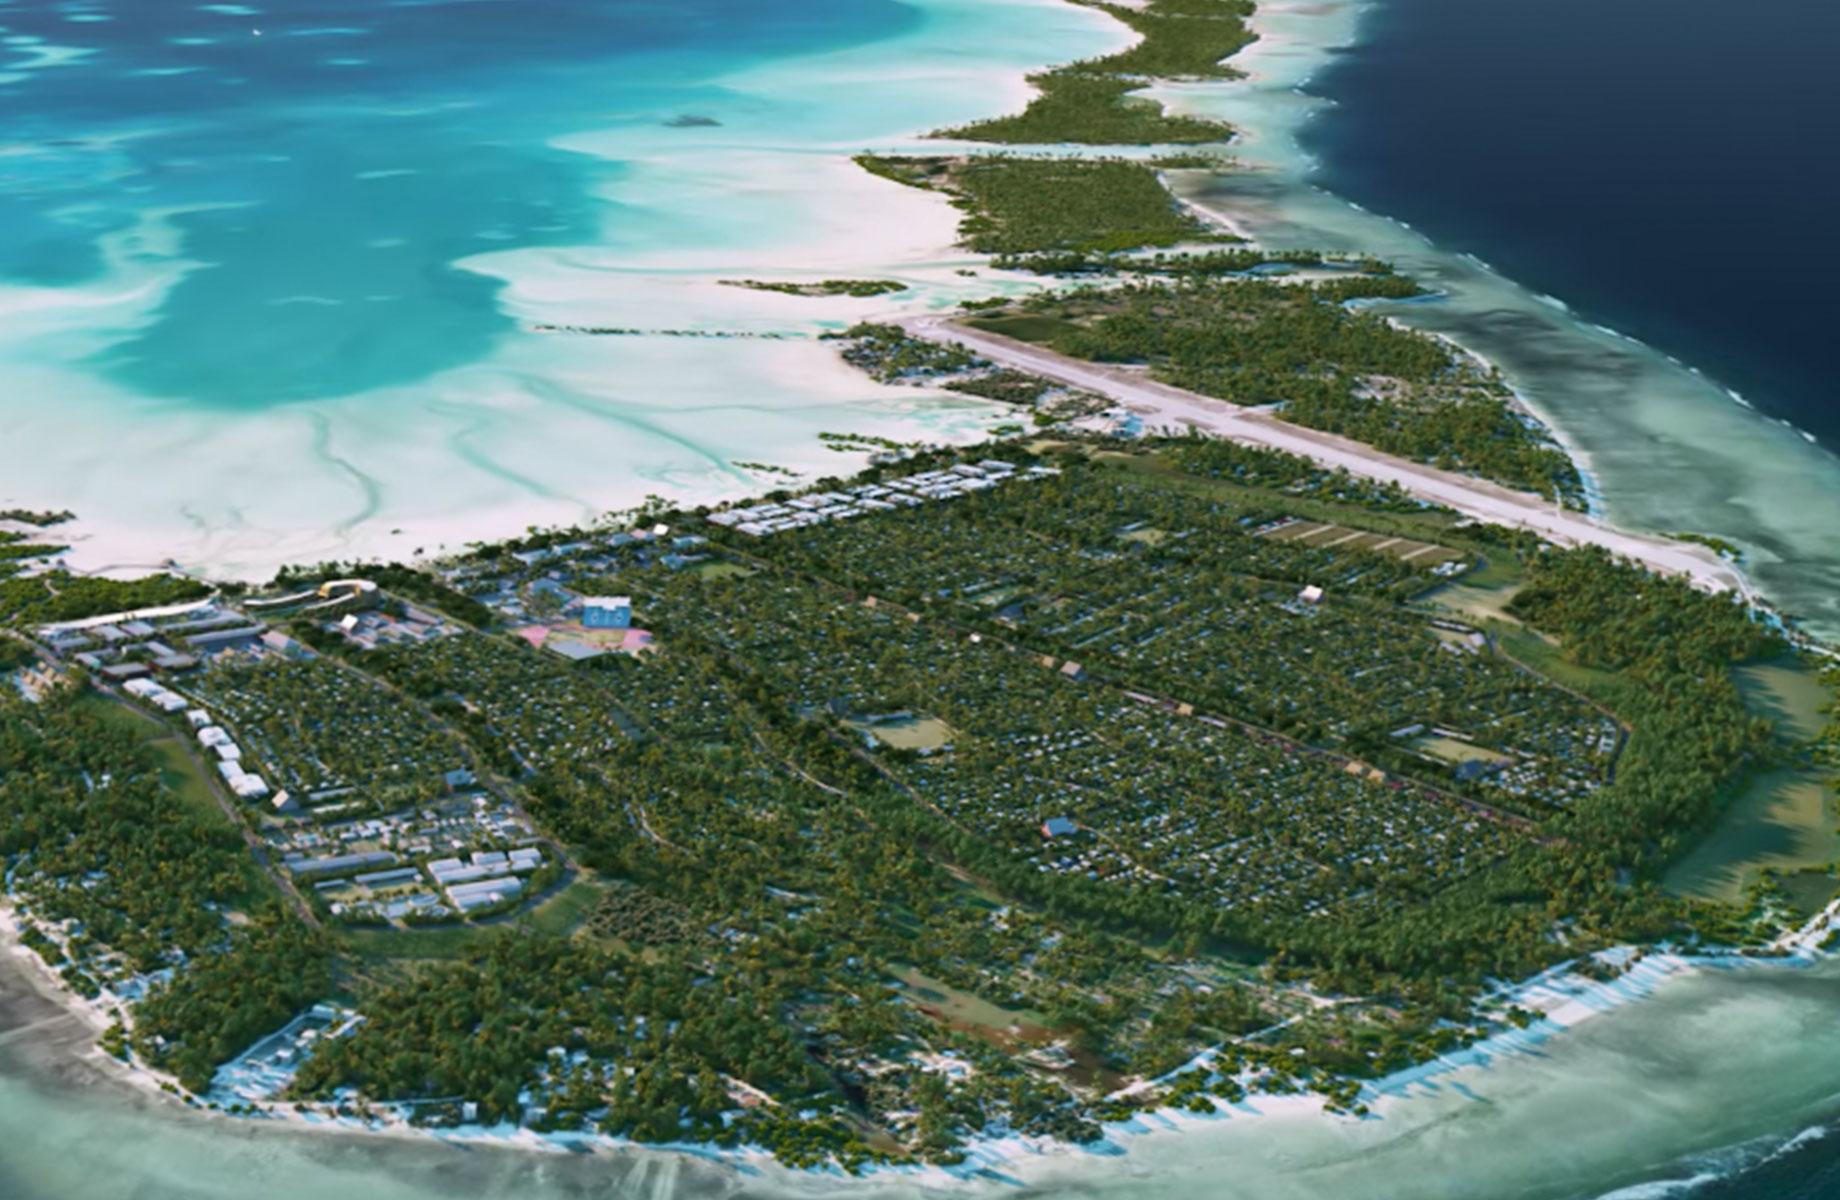 Temaiku Land and Urban Planning, Kiribati - Jacobs